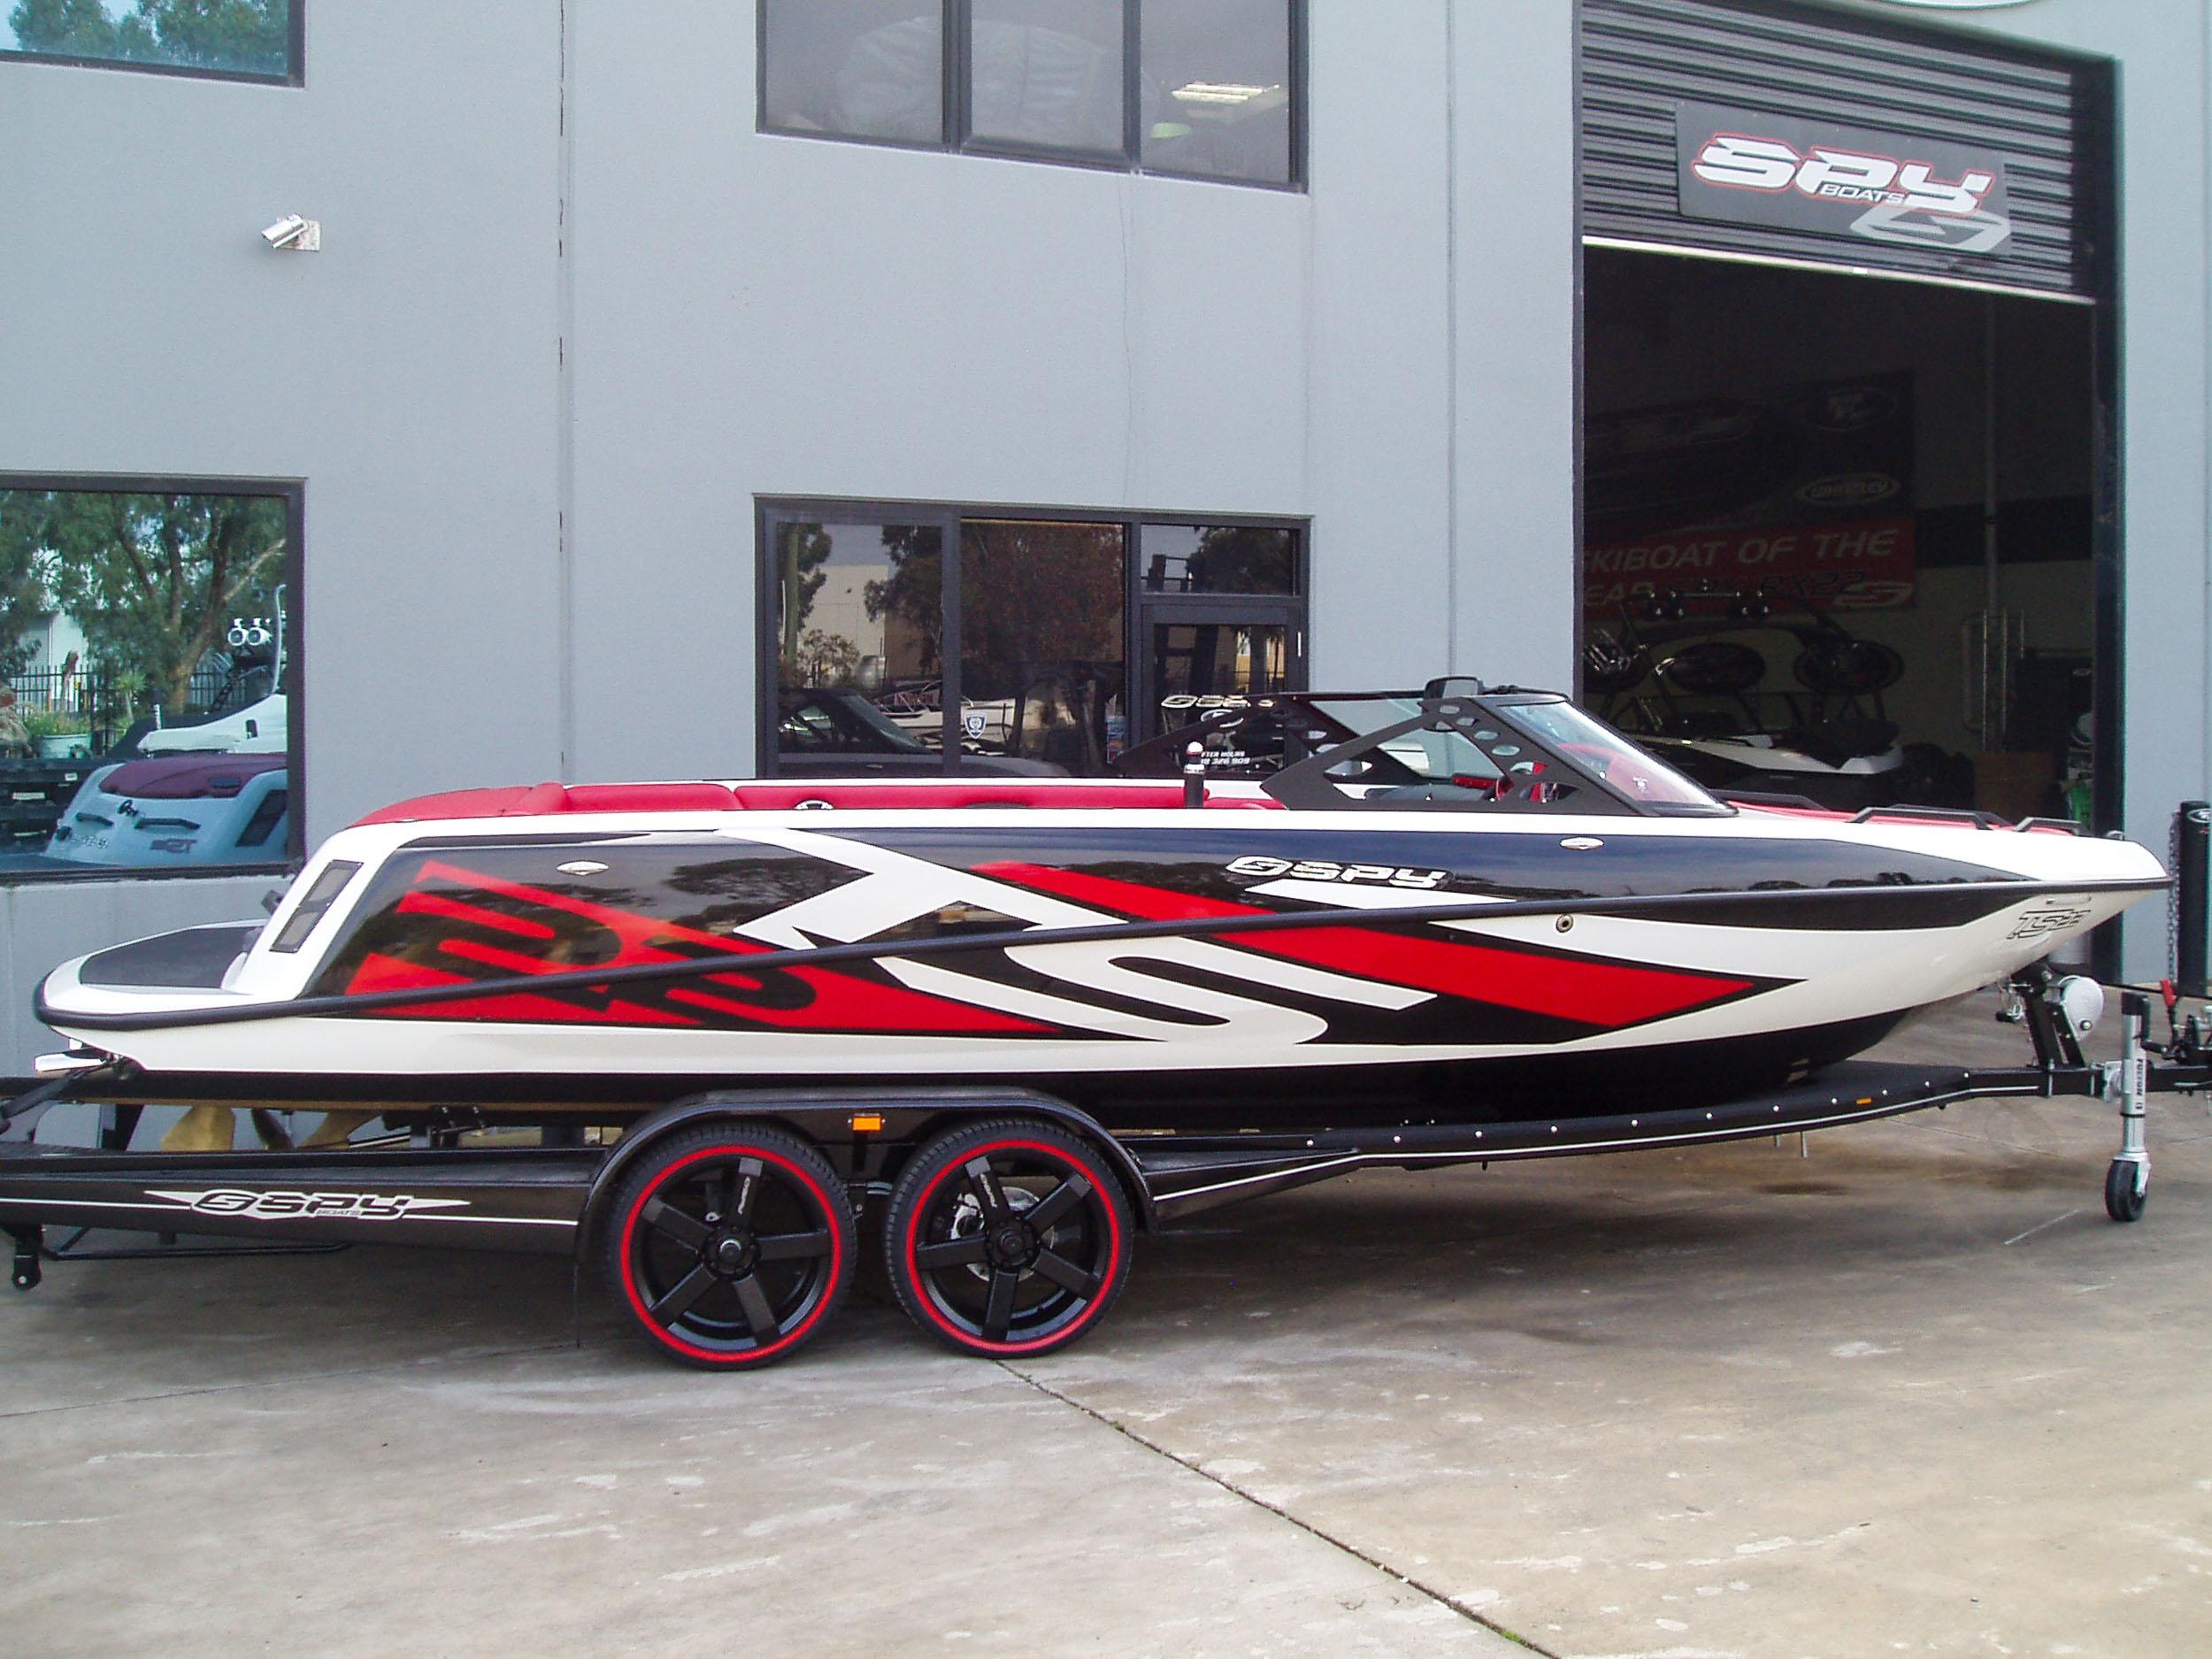 Spy_Boats_TS22-3.jpg